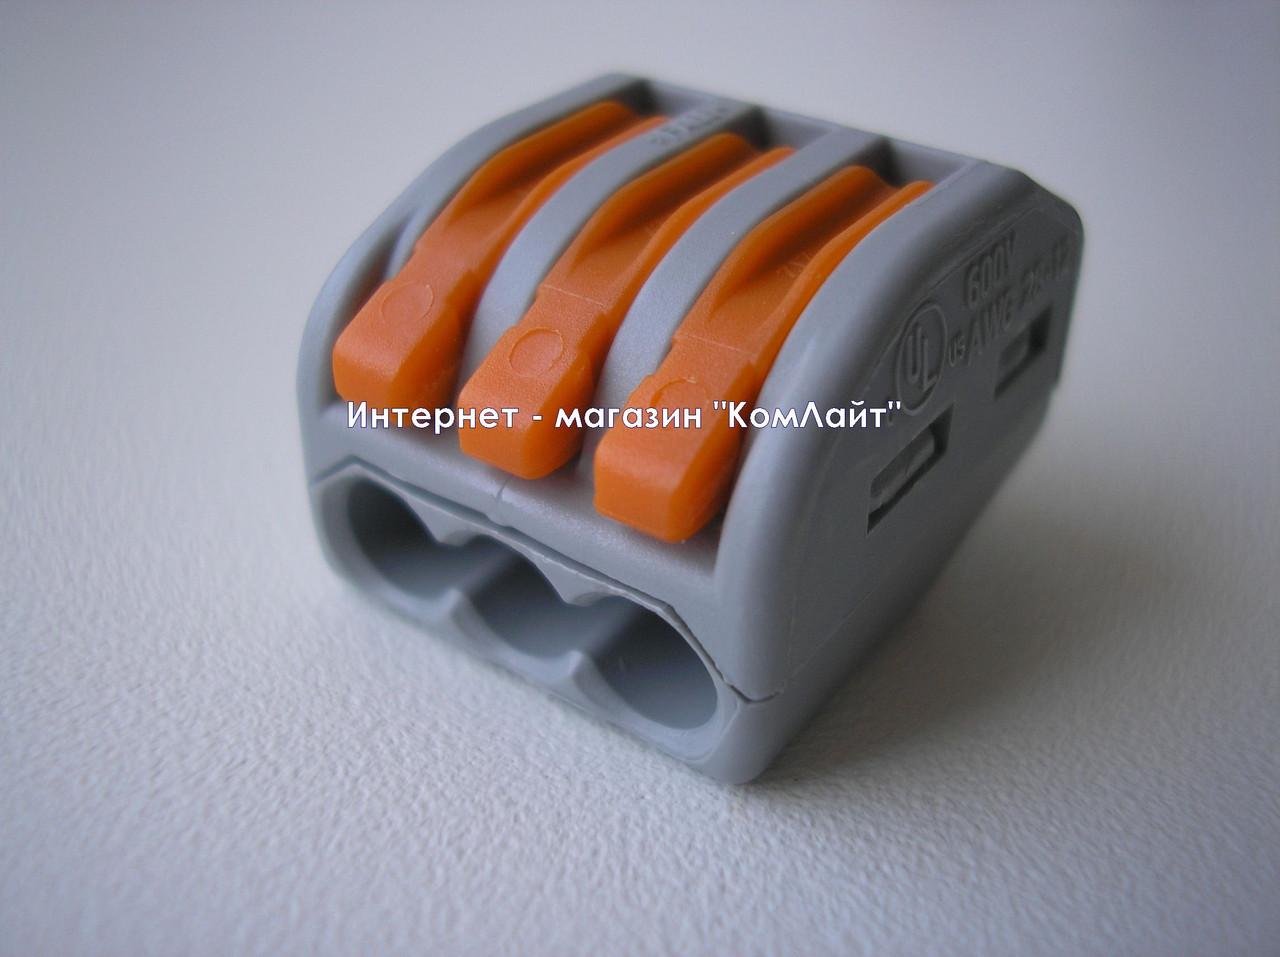 Клемма WAGO 222-413 на 3 провода с рычажками 0,08-2,5мм (Германия)